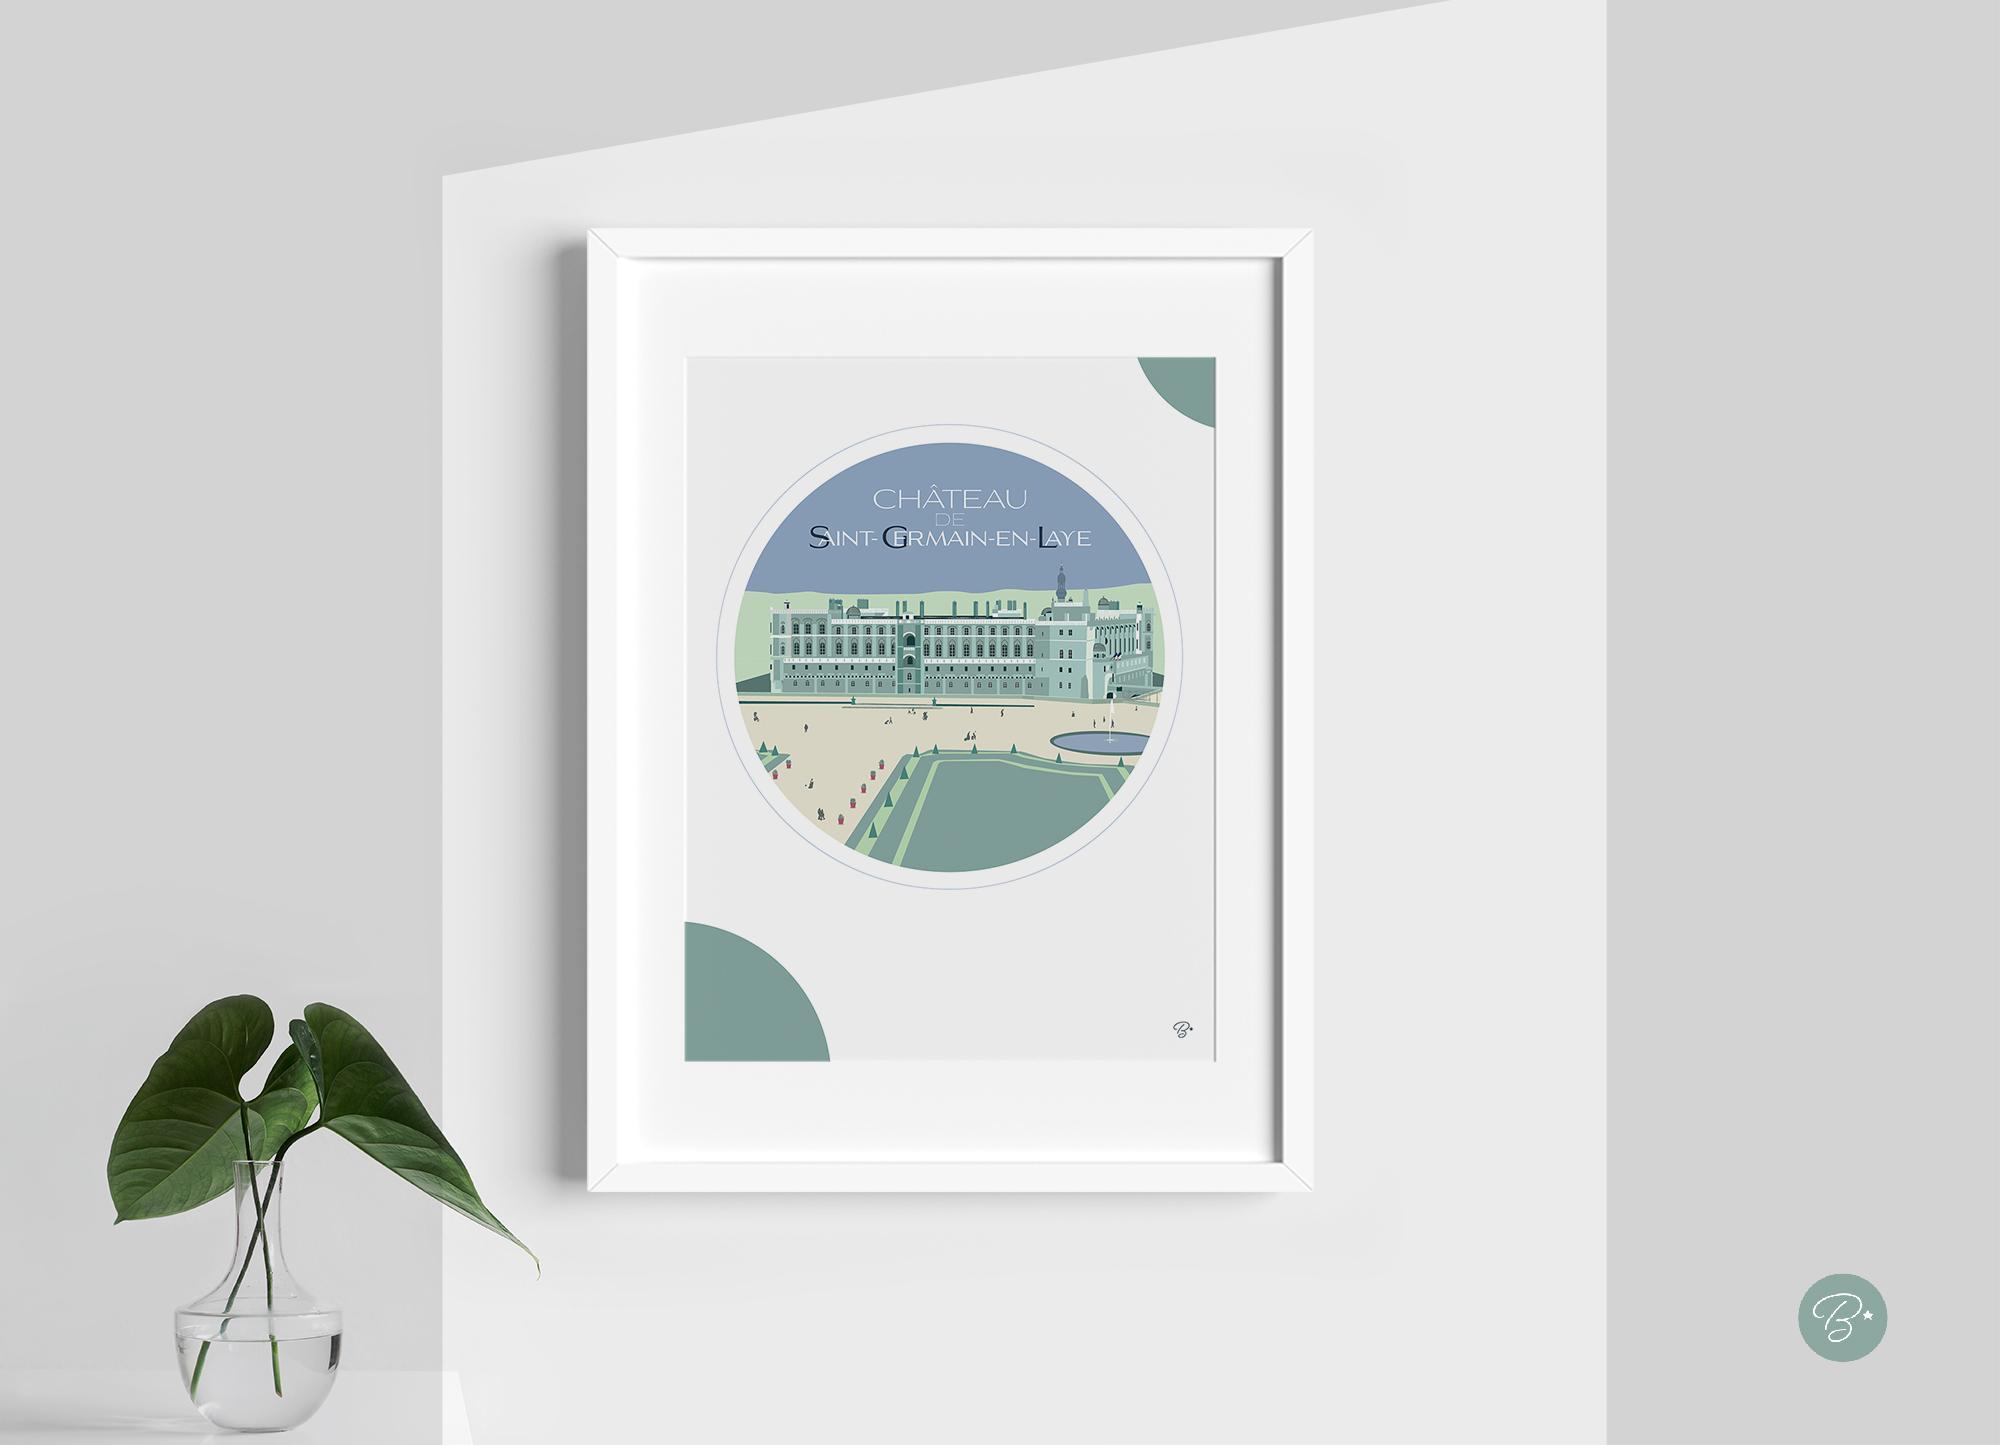 Château Vert cadre blanc et passe-partout